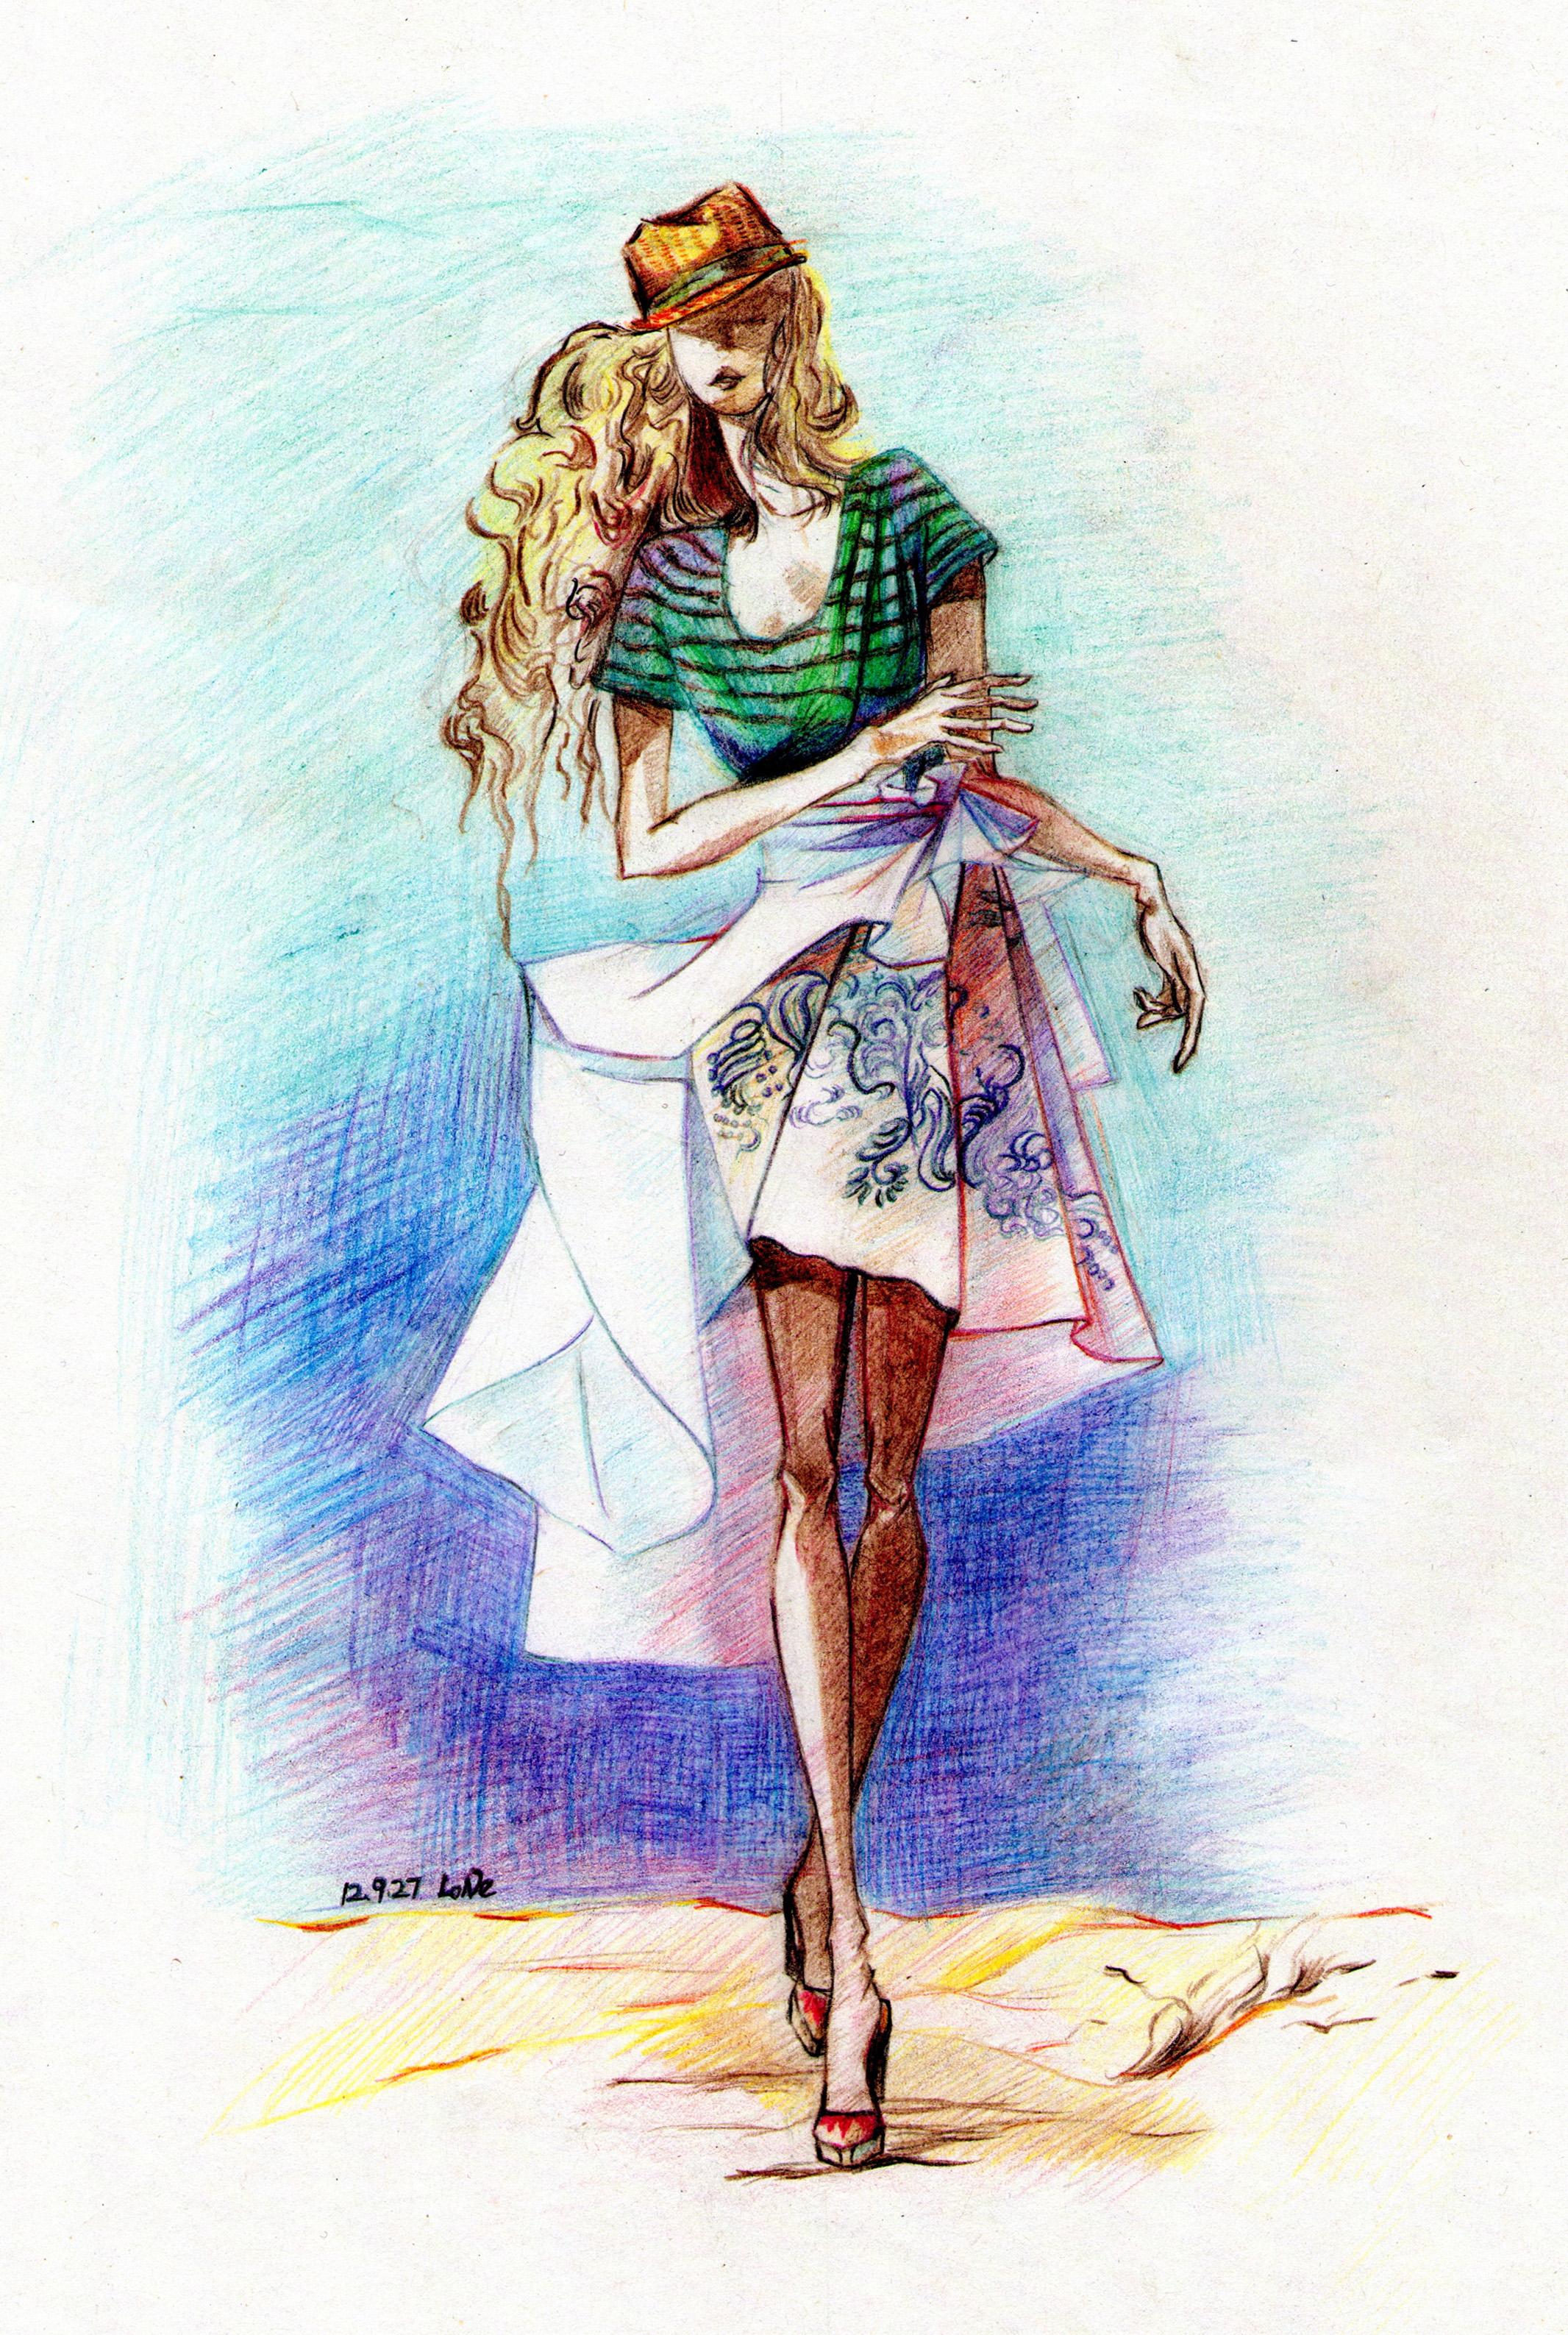 硬彩铅服装设计手绘